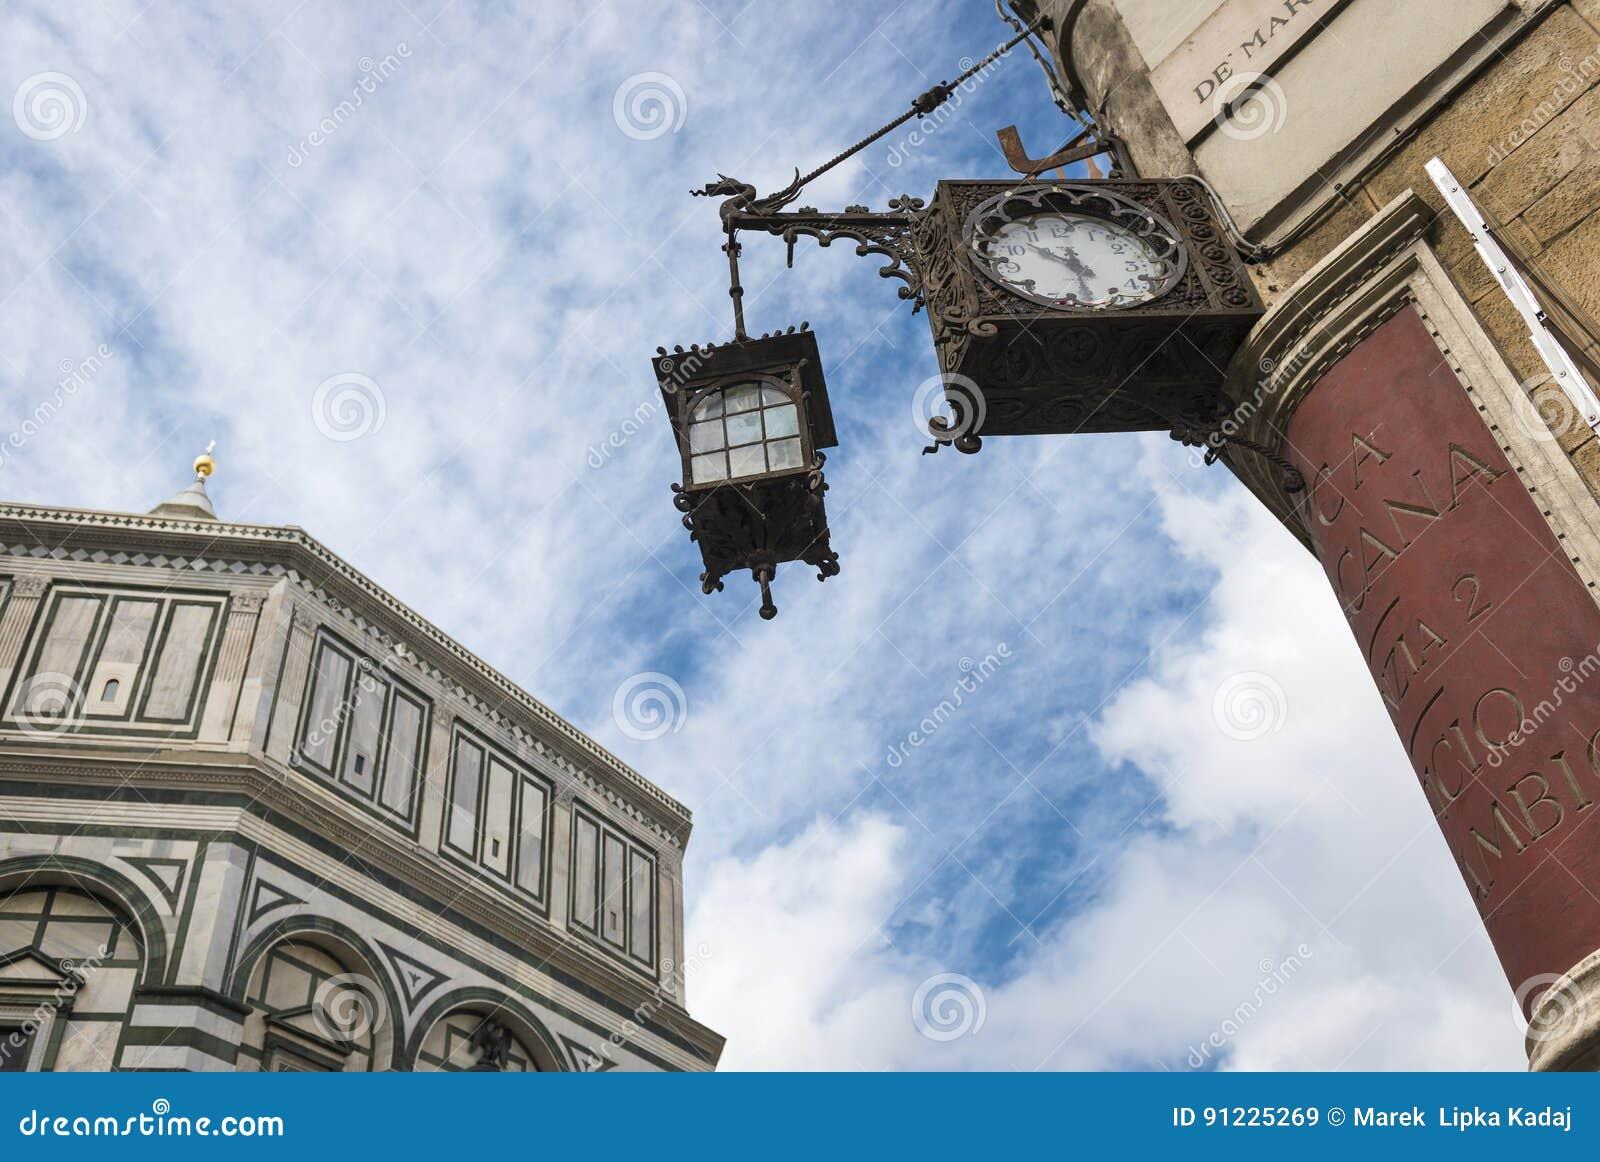 Gli elementi architettonici storici e moderni a Firenze abbelliscono